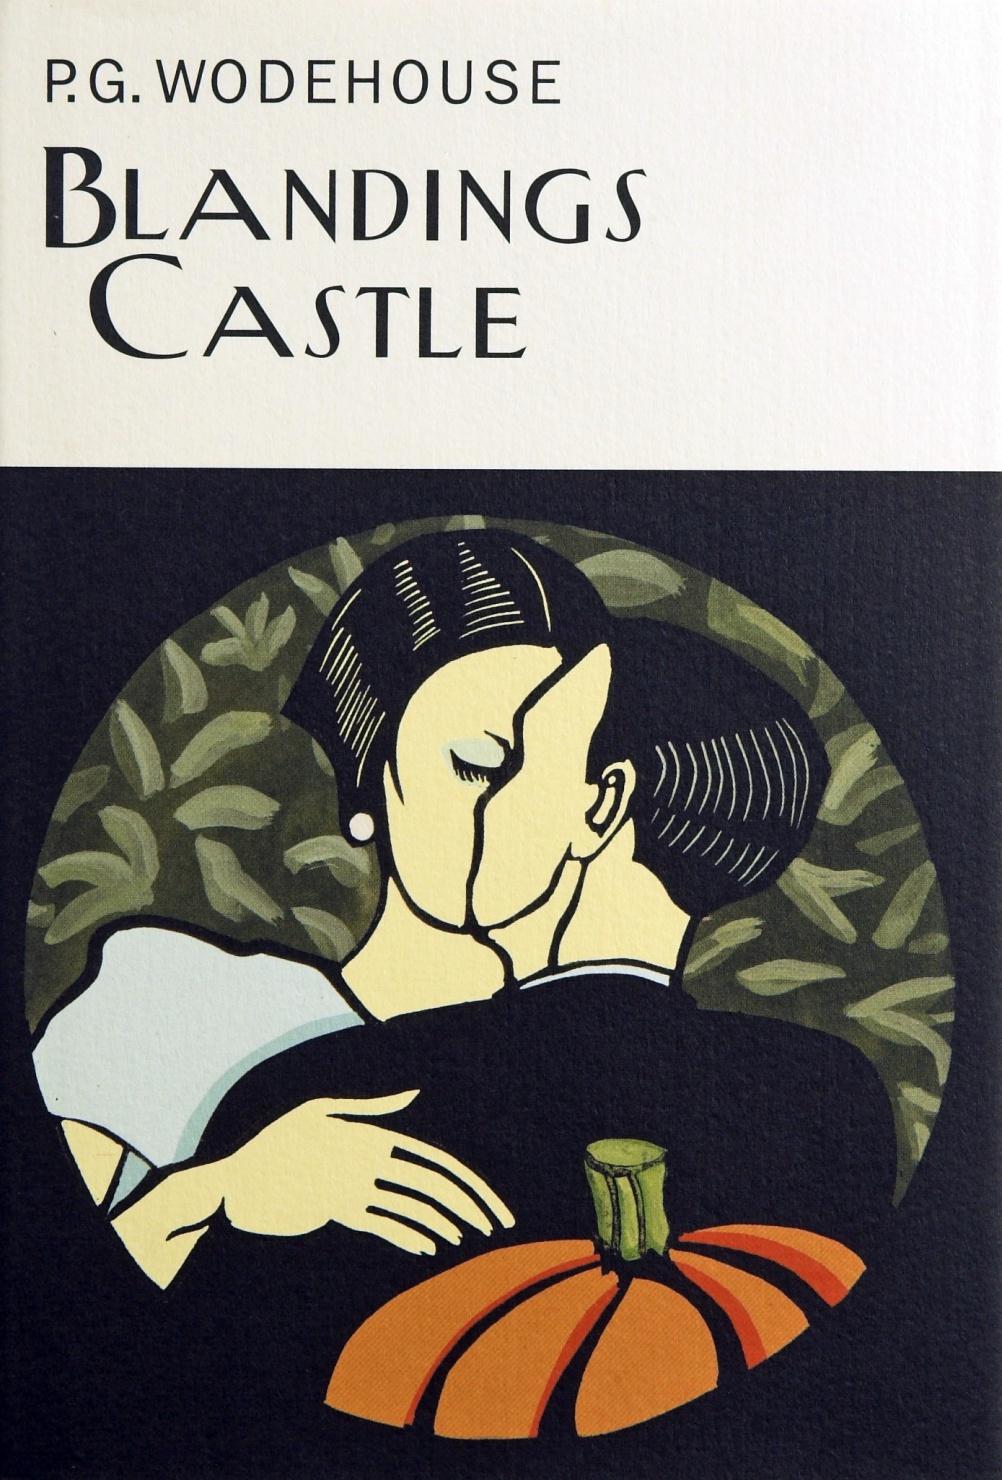 20 Blandings Castle